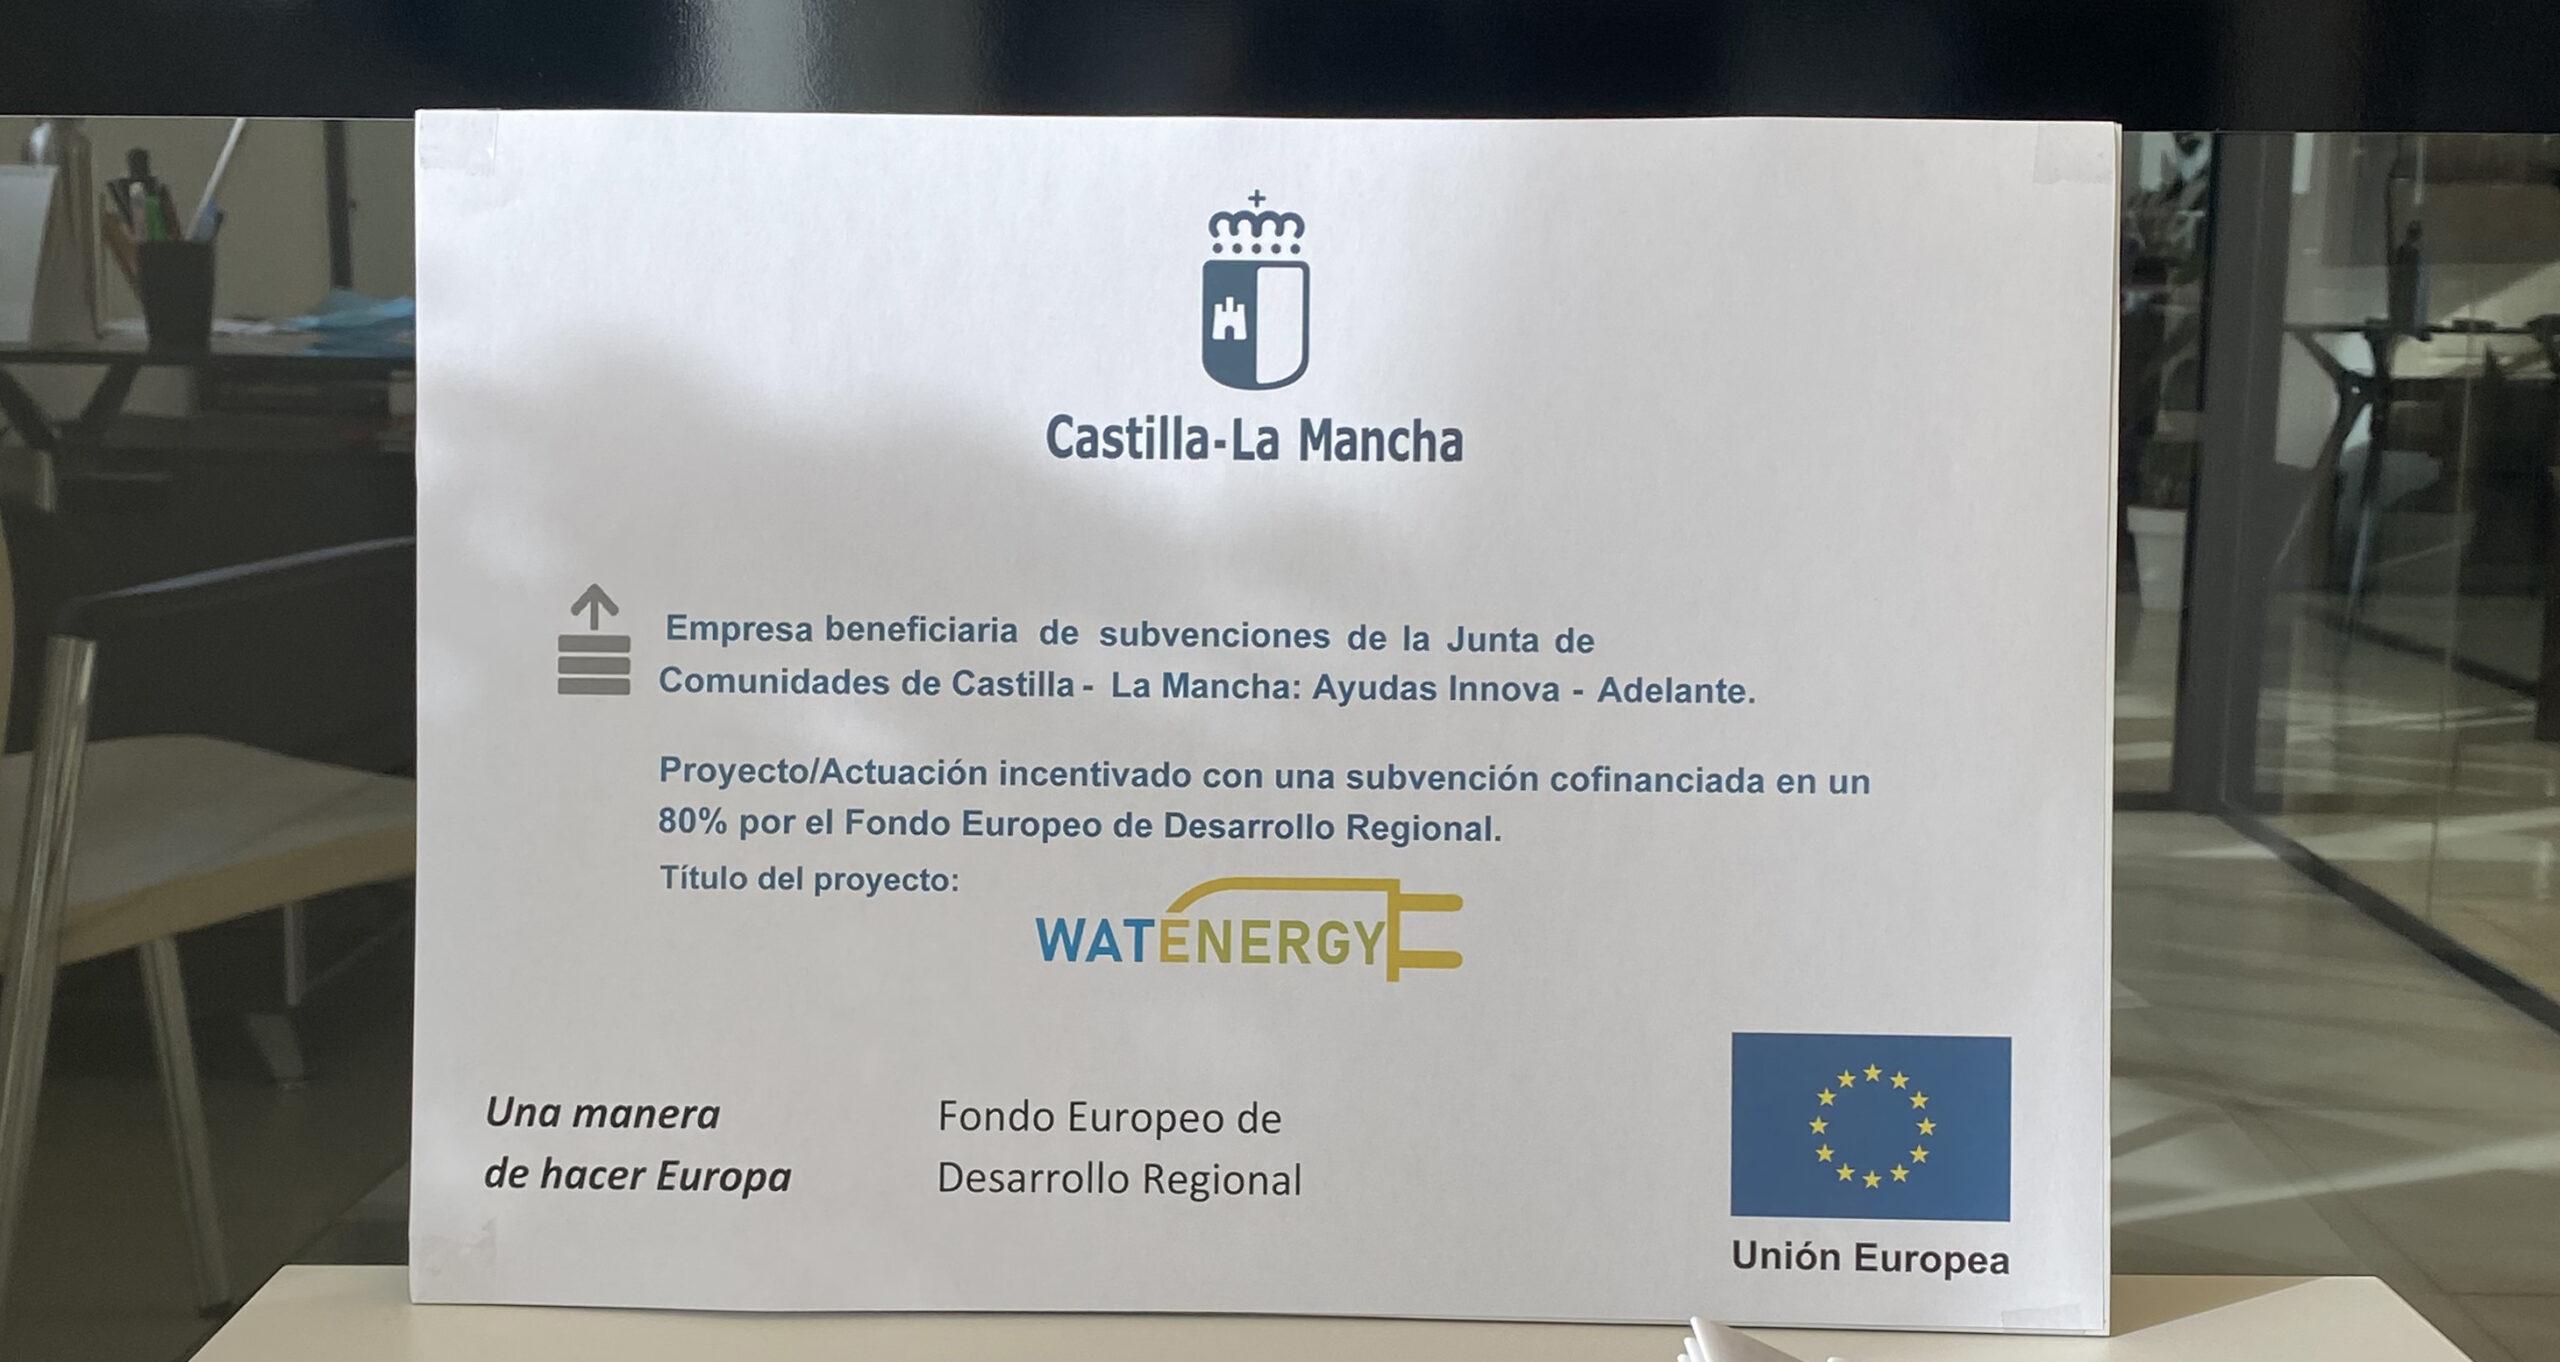 Watenergy subvención web